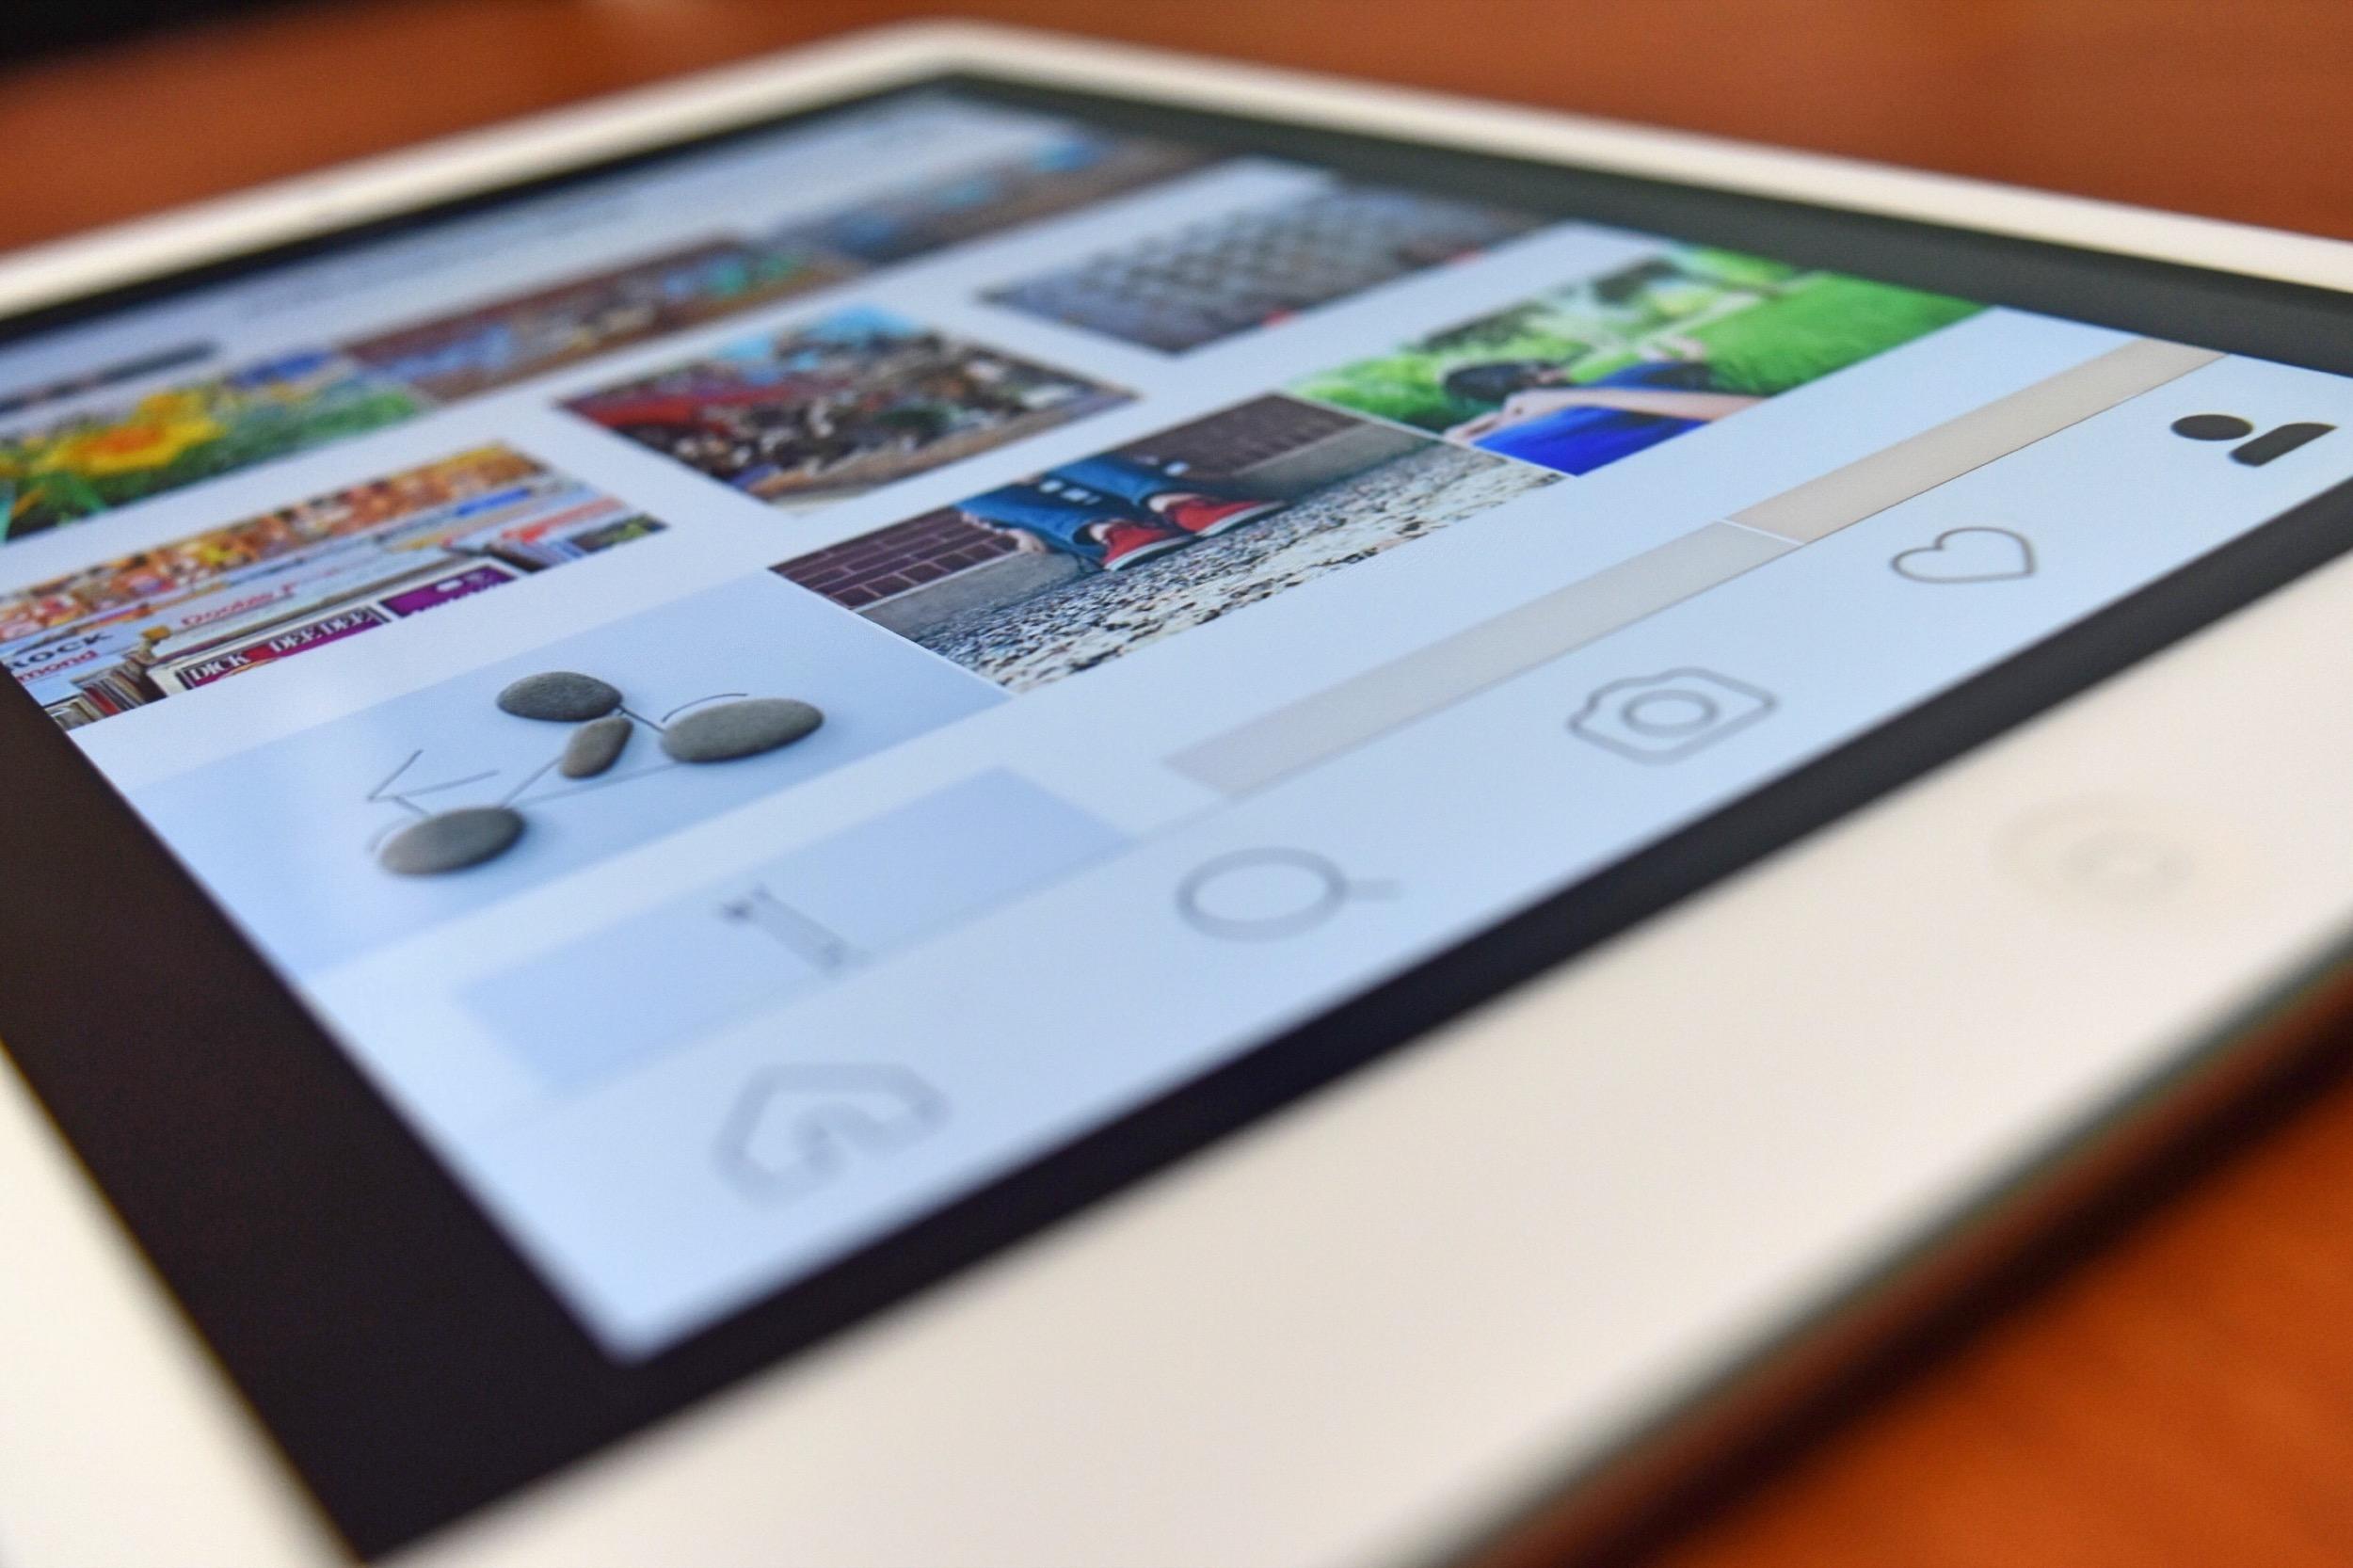 La prochaine app d'Instagram serait consacrée au shopping 1